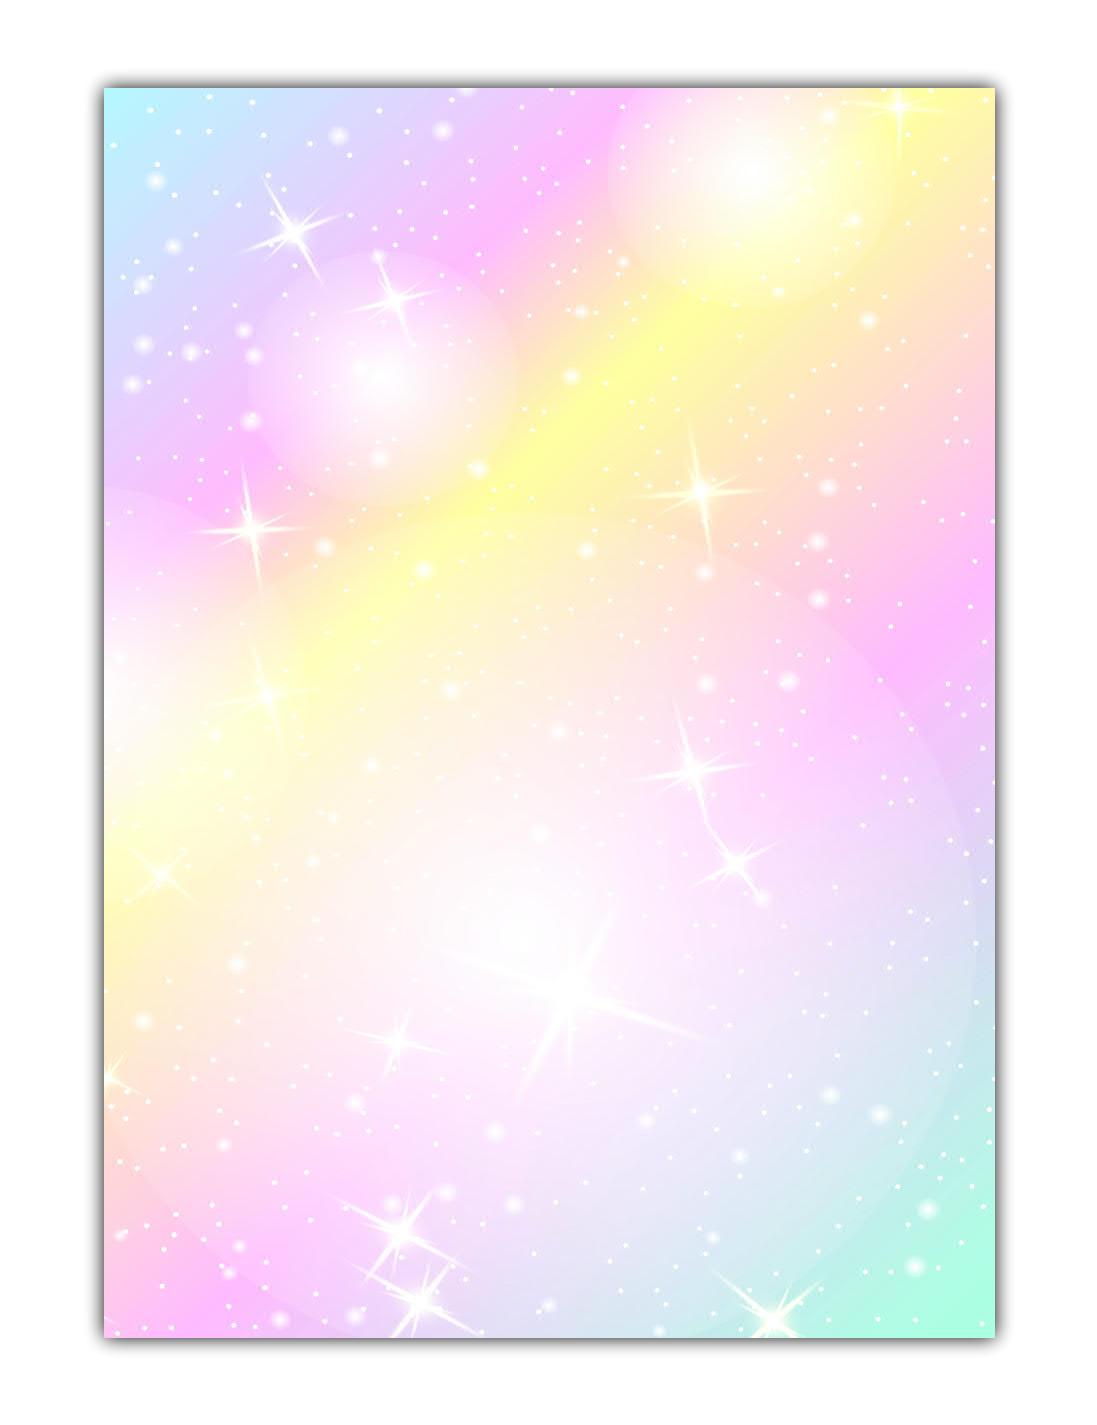 Rainbow Motiv-Briefpapier (MPA-5216, DIN A4, 100 Blatt) Motivpapier knallig bunt Regenbogenfarben mit Sternen